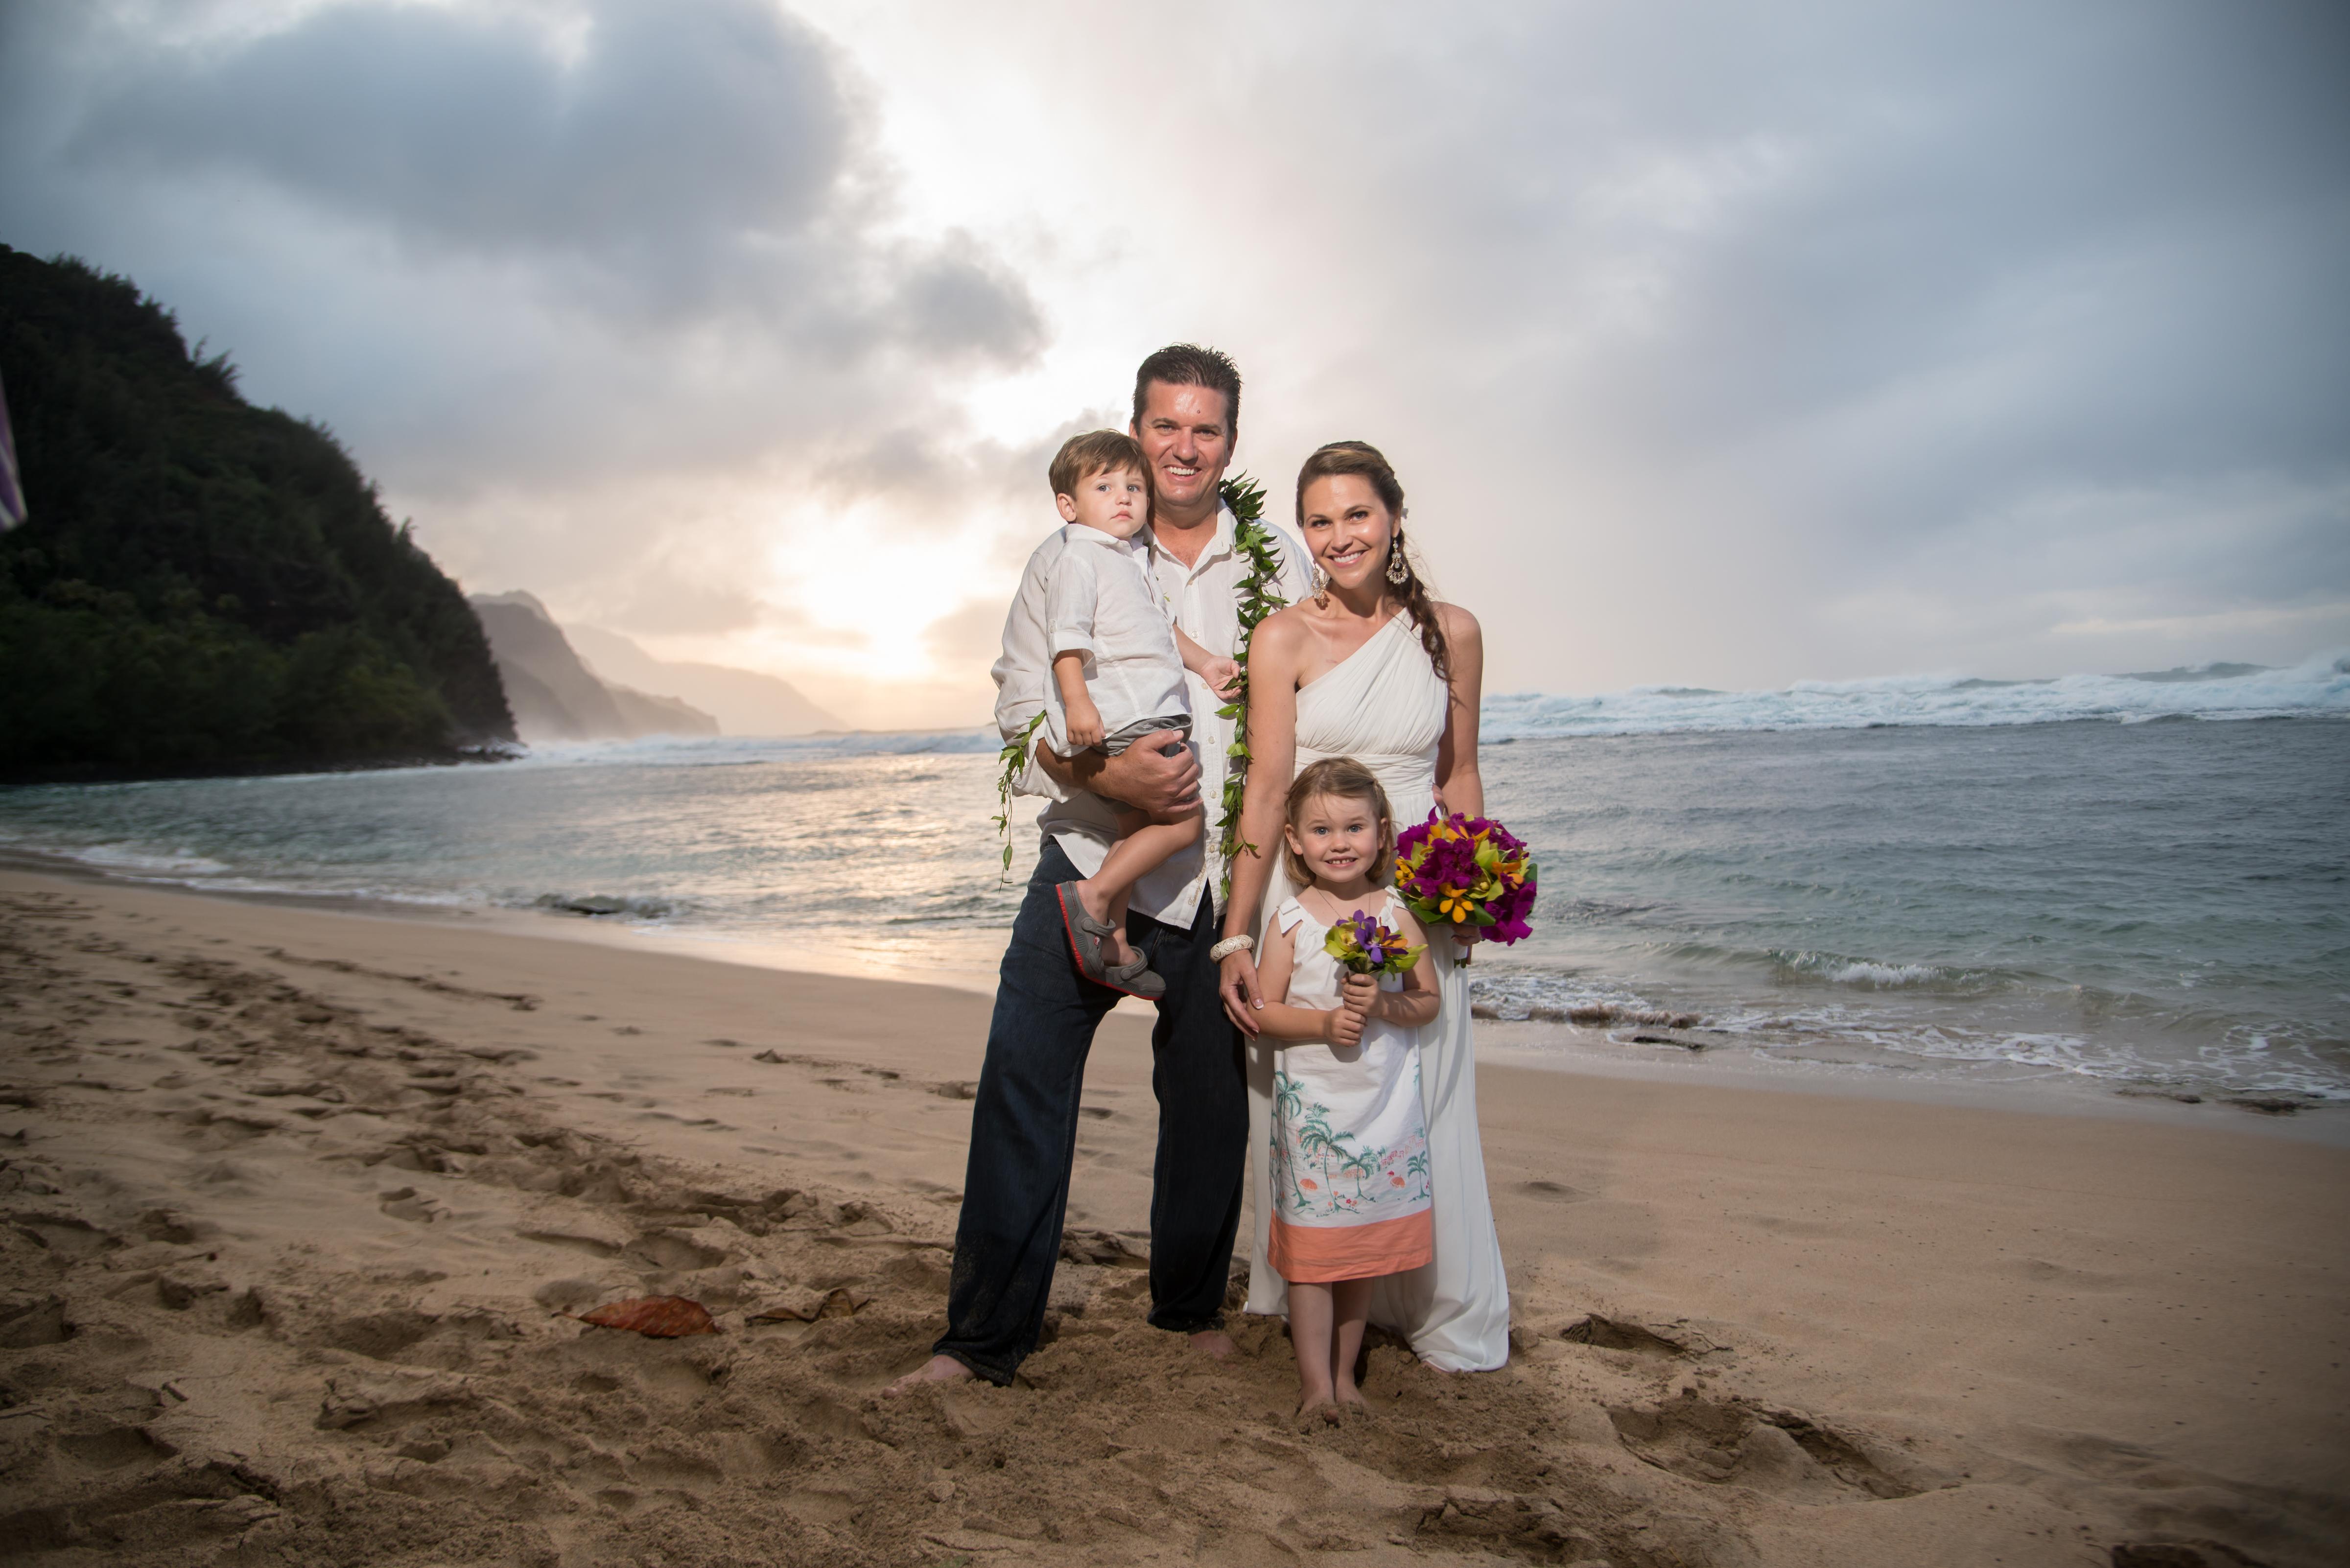 Liz Eicher with her husband and children.